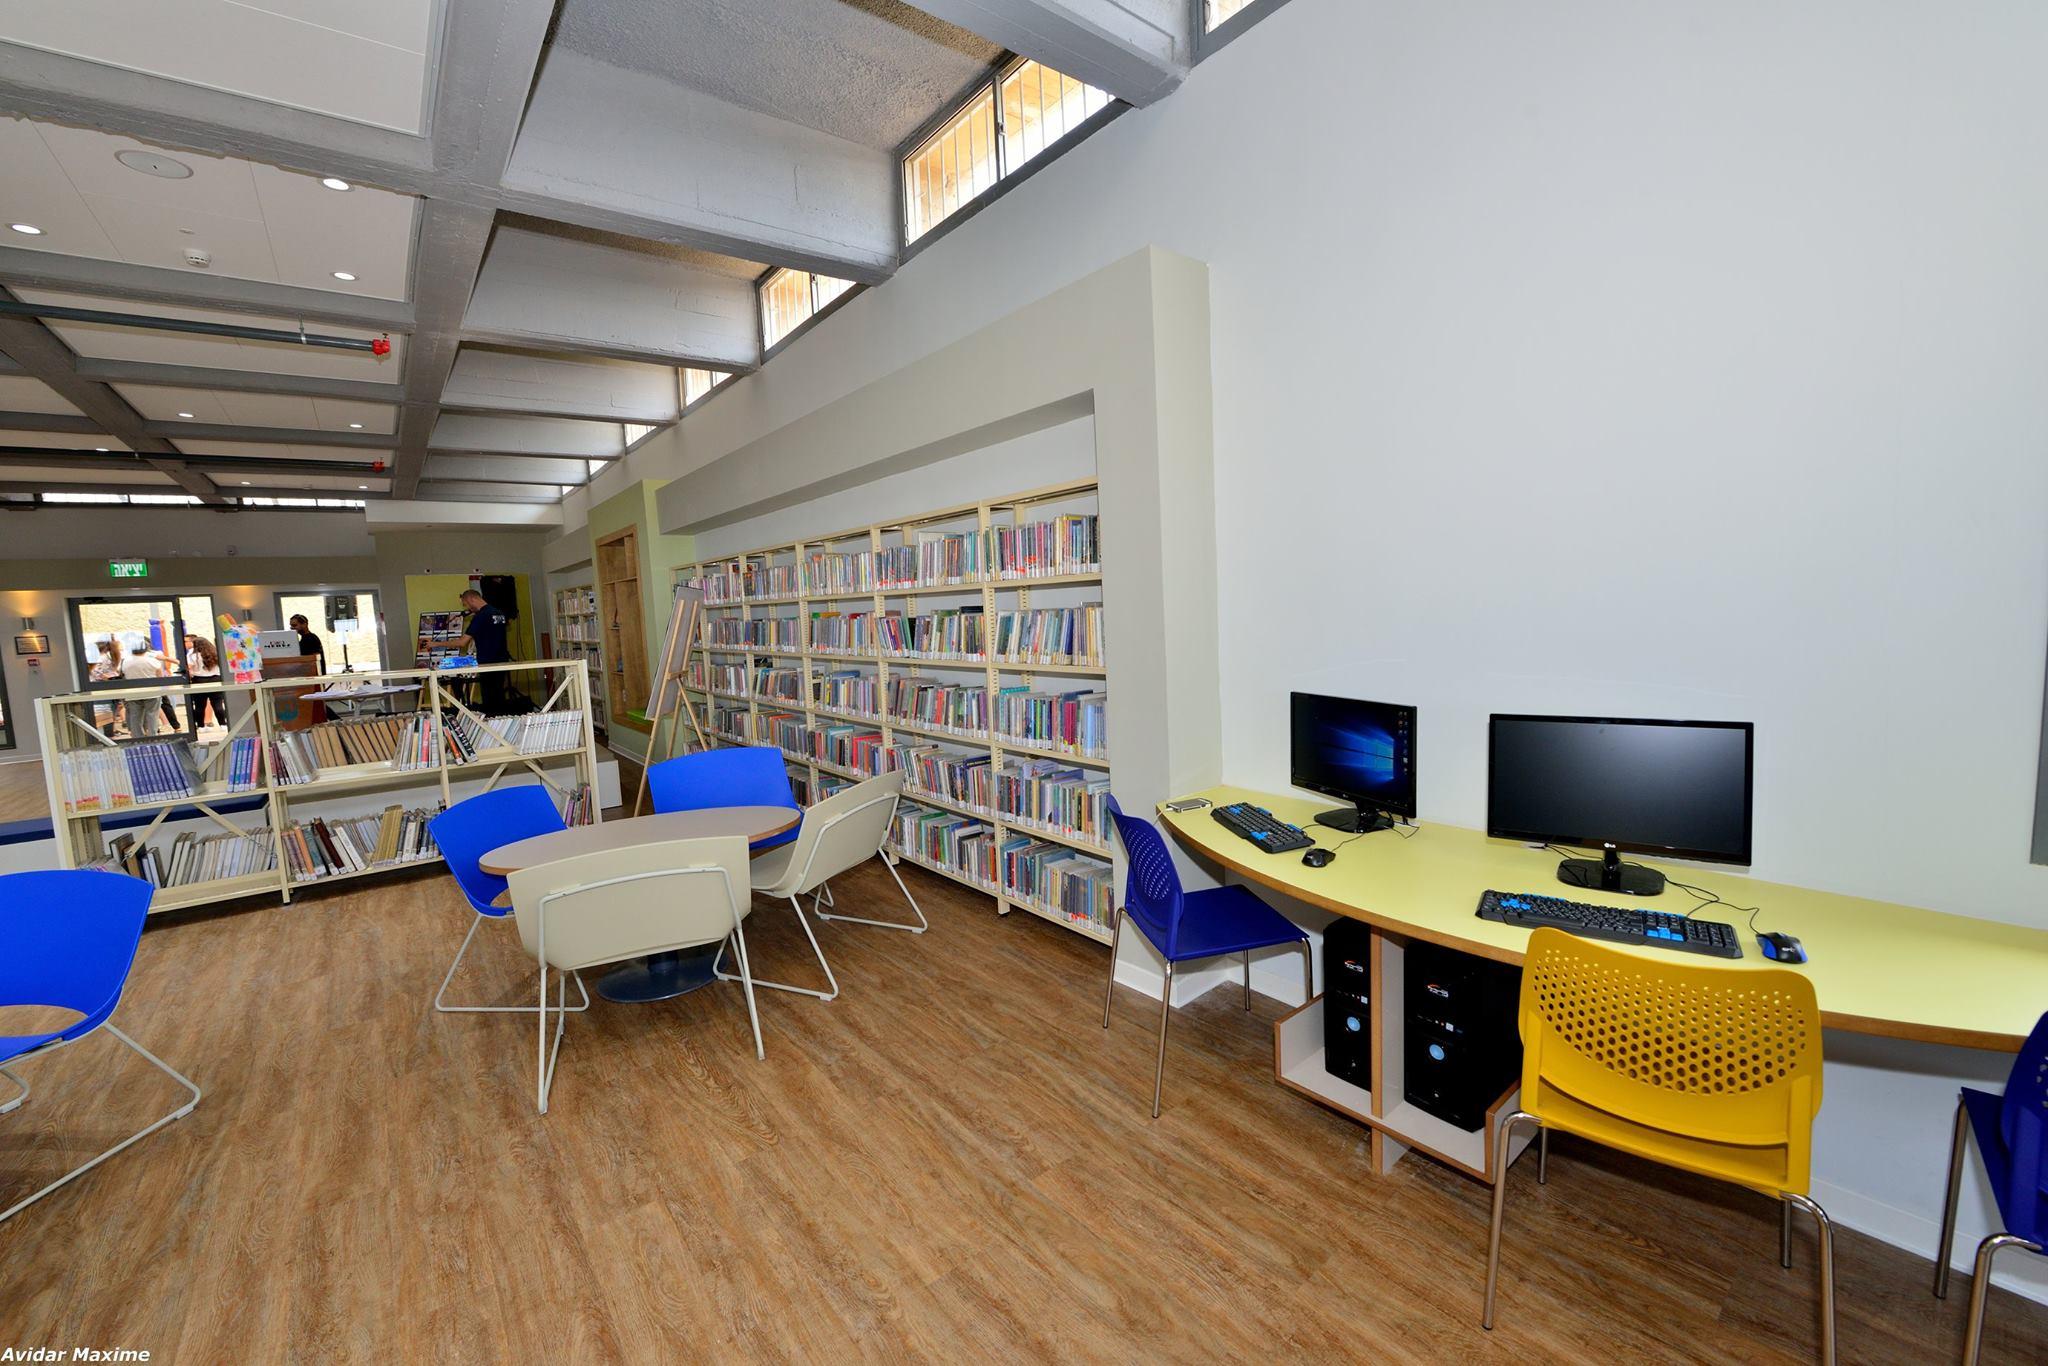 עמדות מחשבים בספריית חטיבת הנעורים